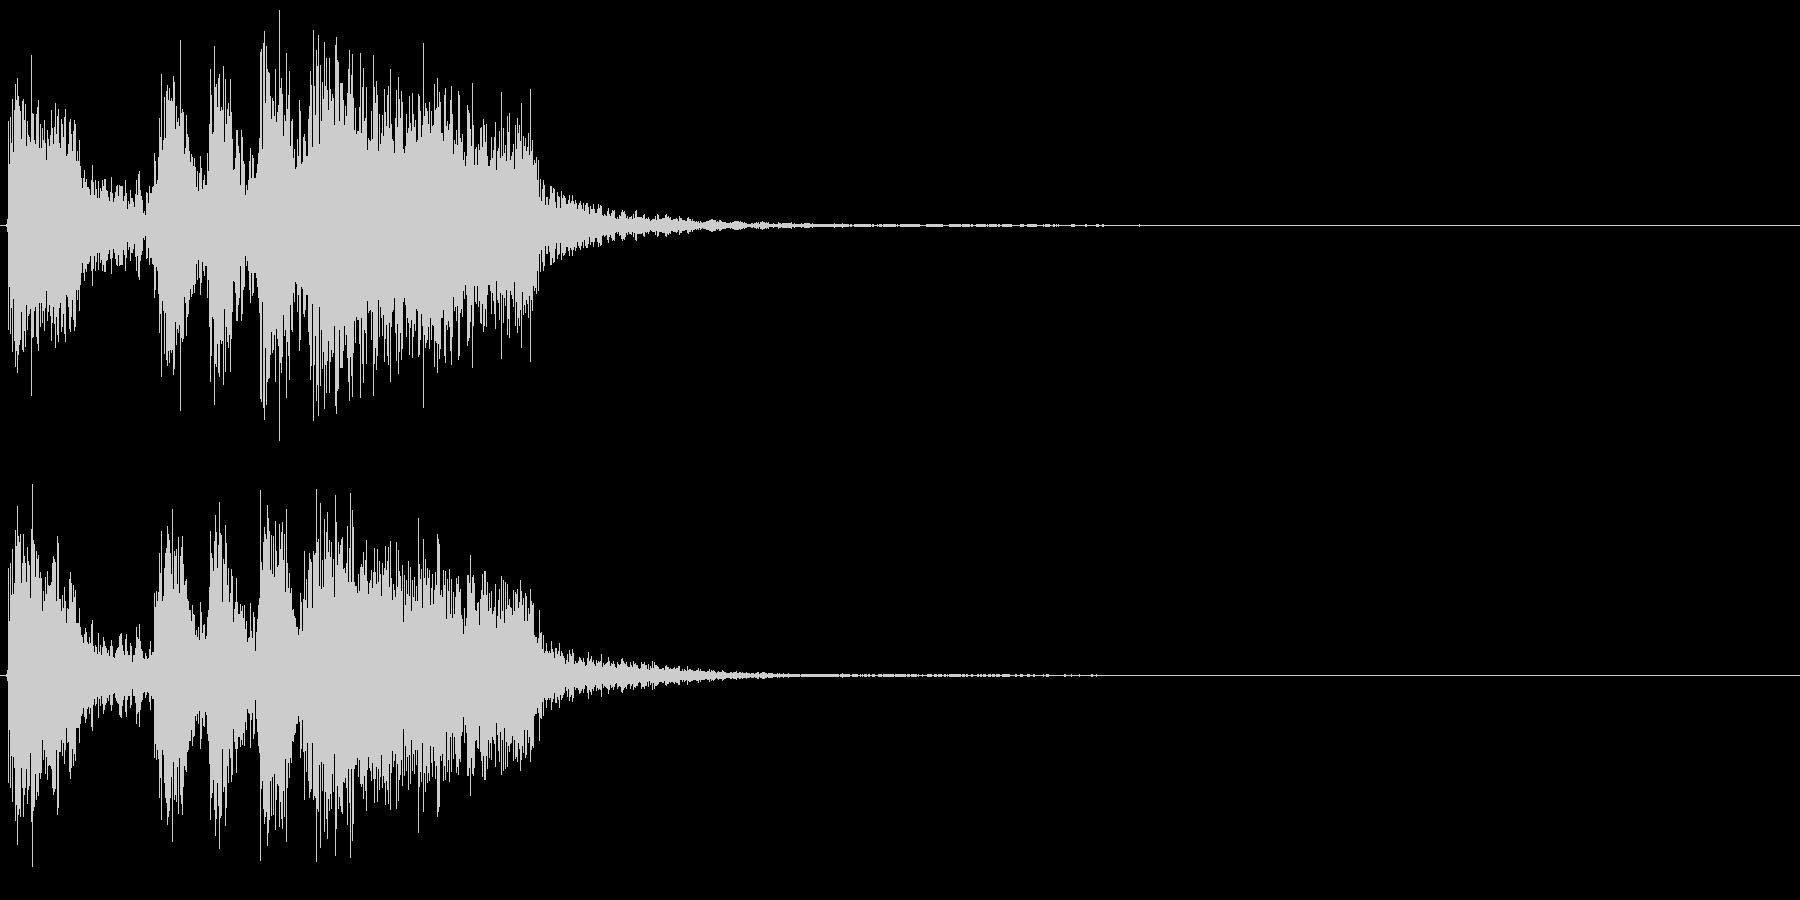 ミッションクリアのジングルですの未再生の波形